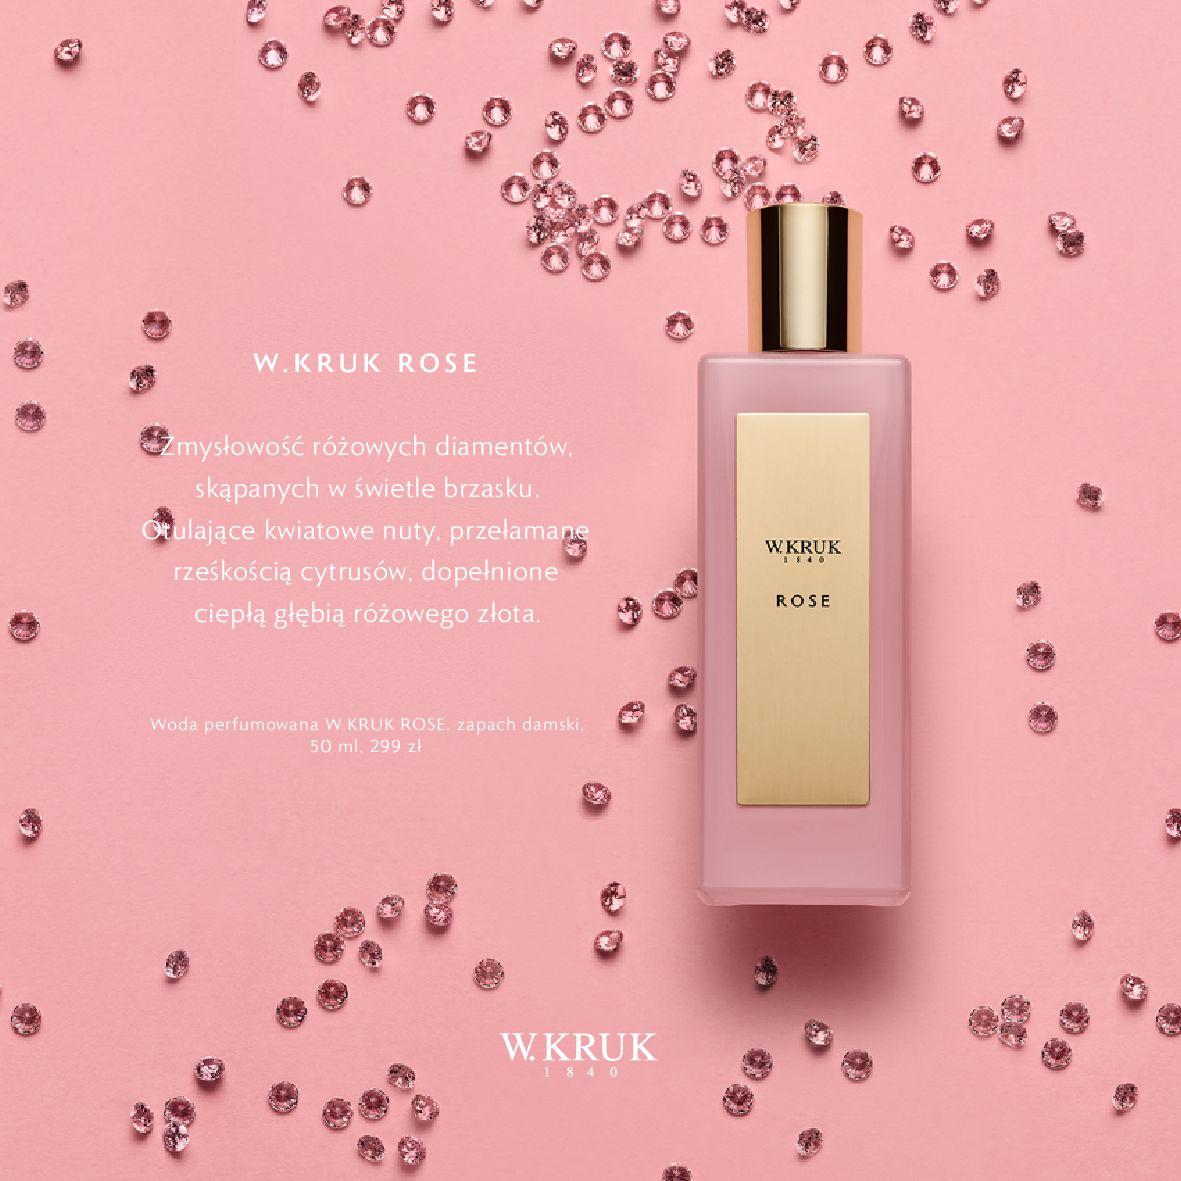 Gazetka W. KRUK: Katalog - Perfumy 2021-02-17 page-4